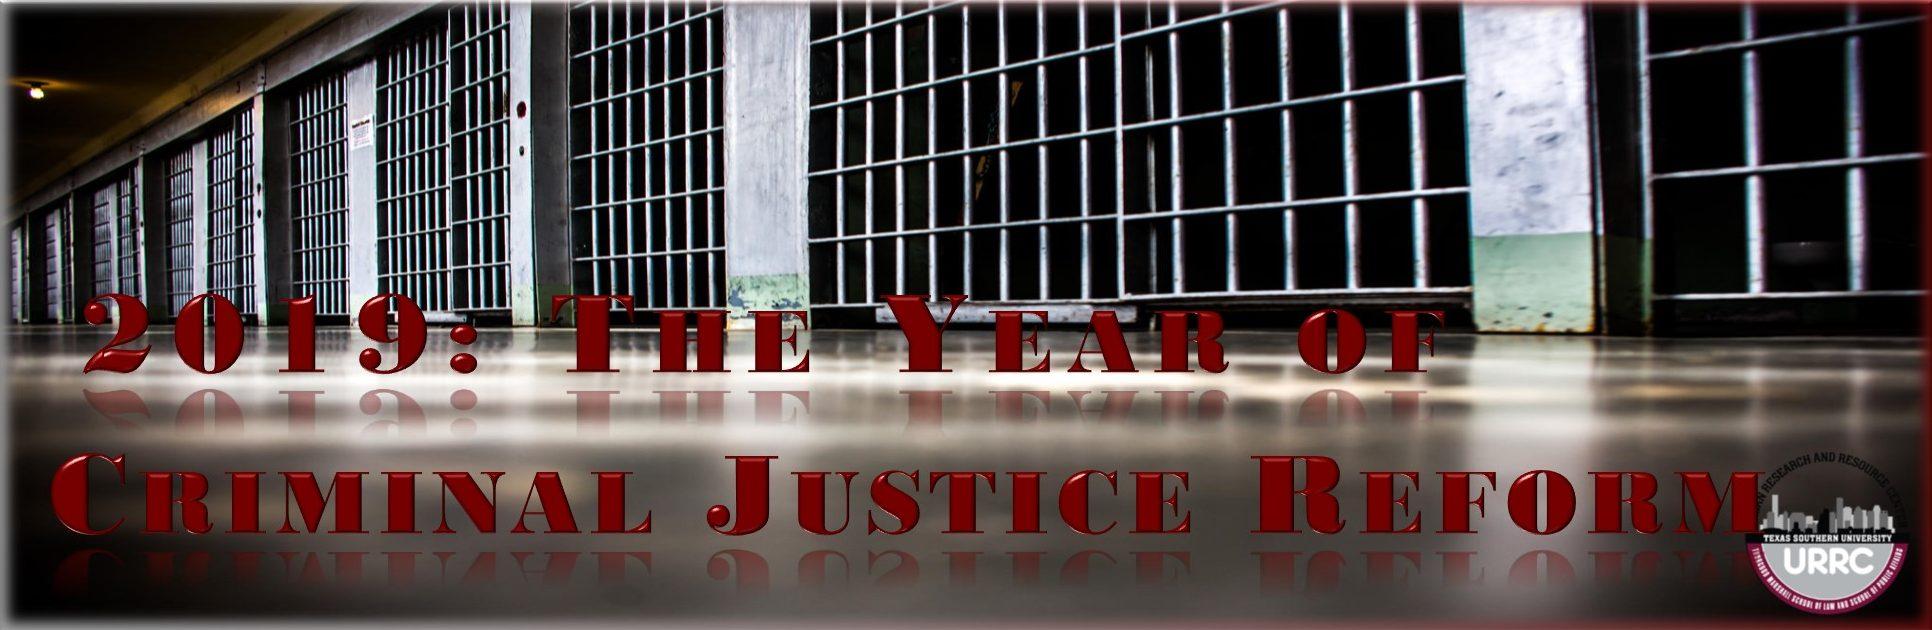 slide-criminal-justice-reform-e1547666848603